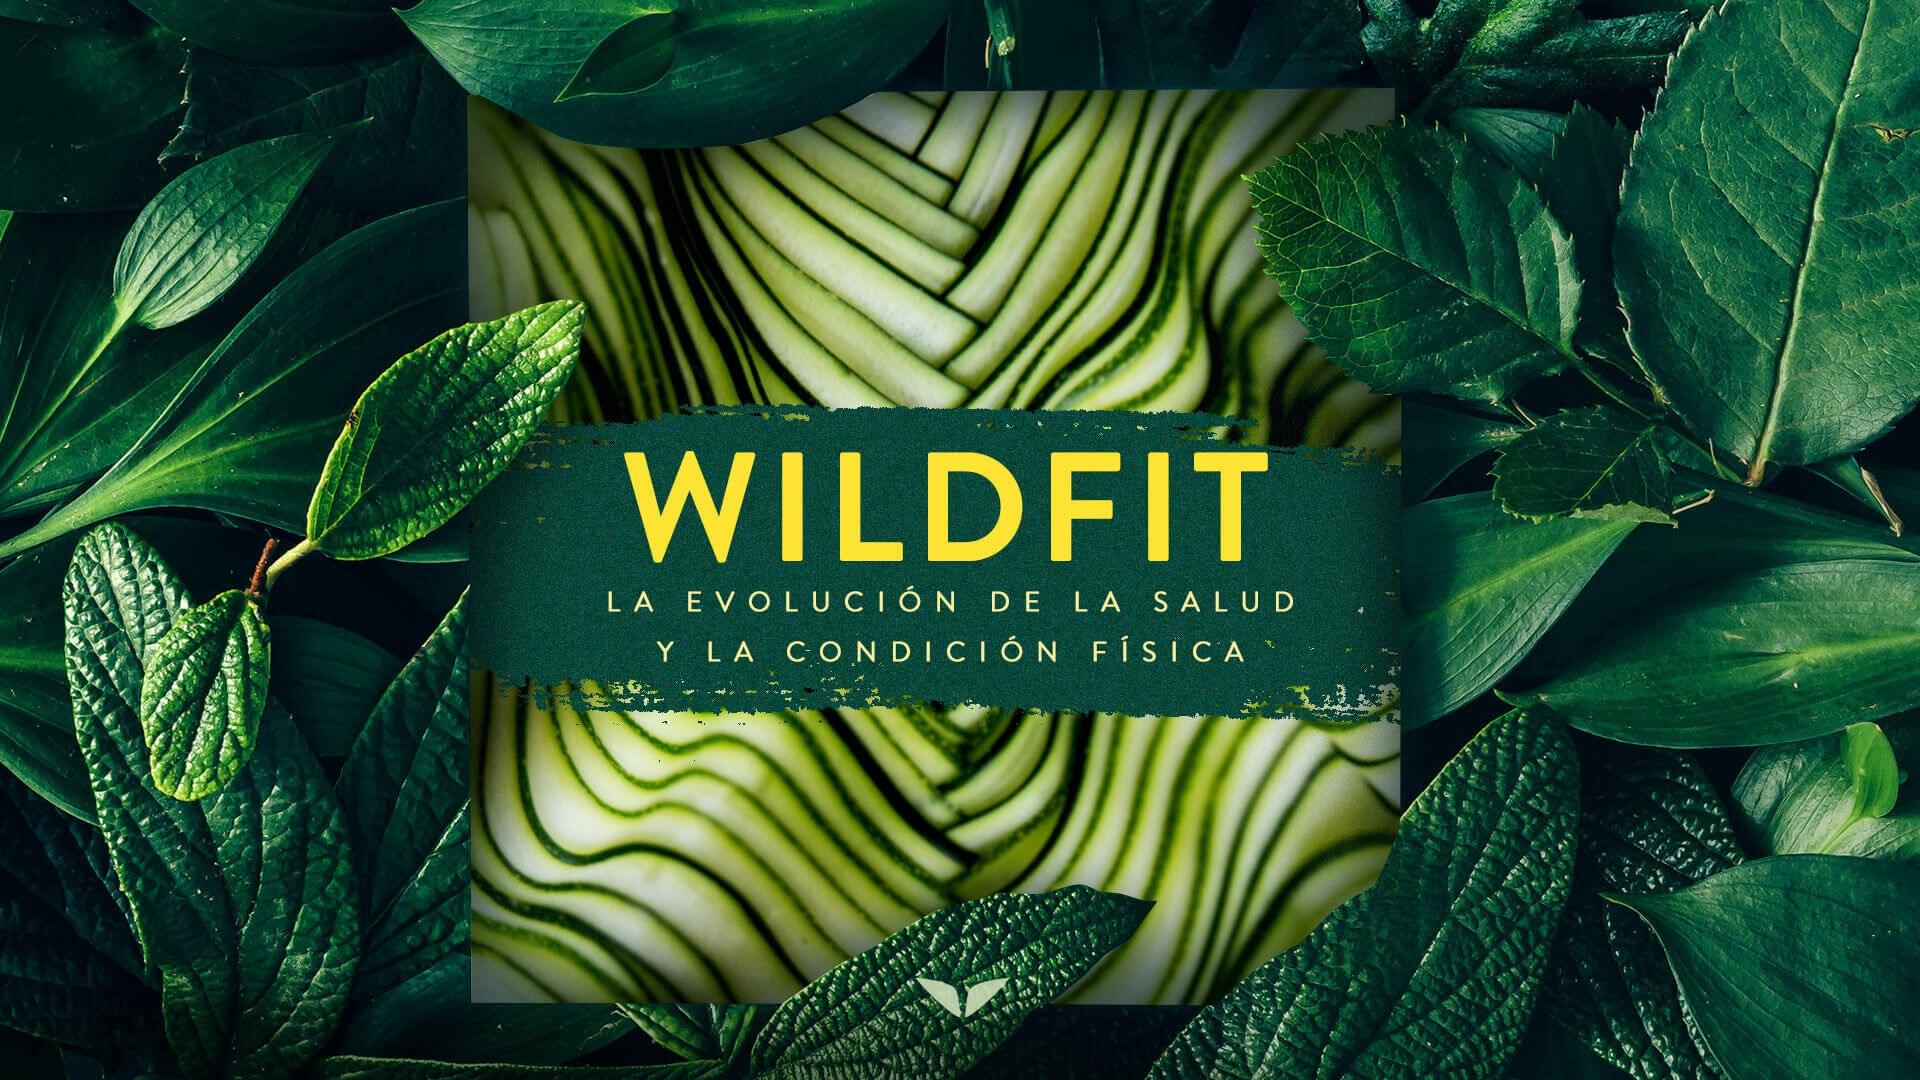 WildFit en Español